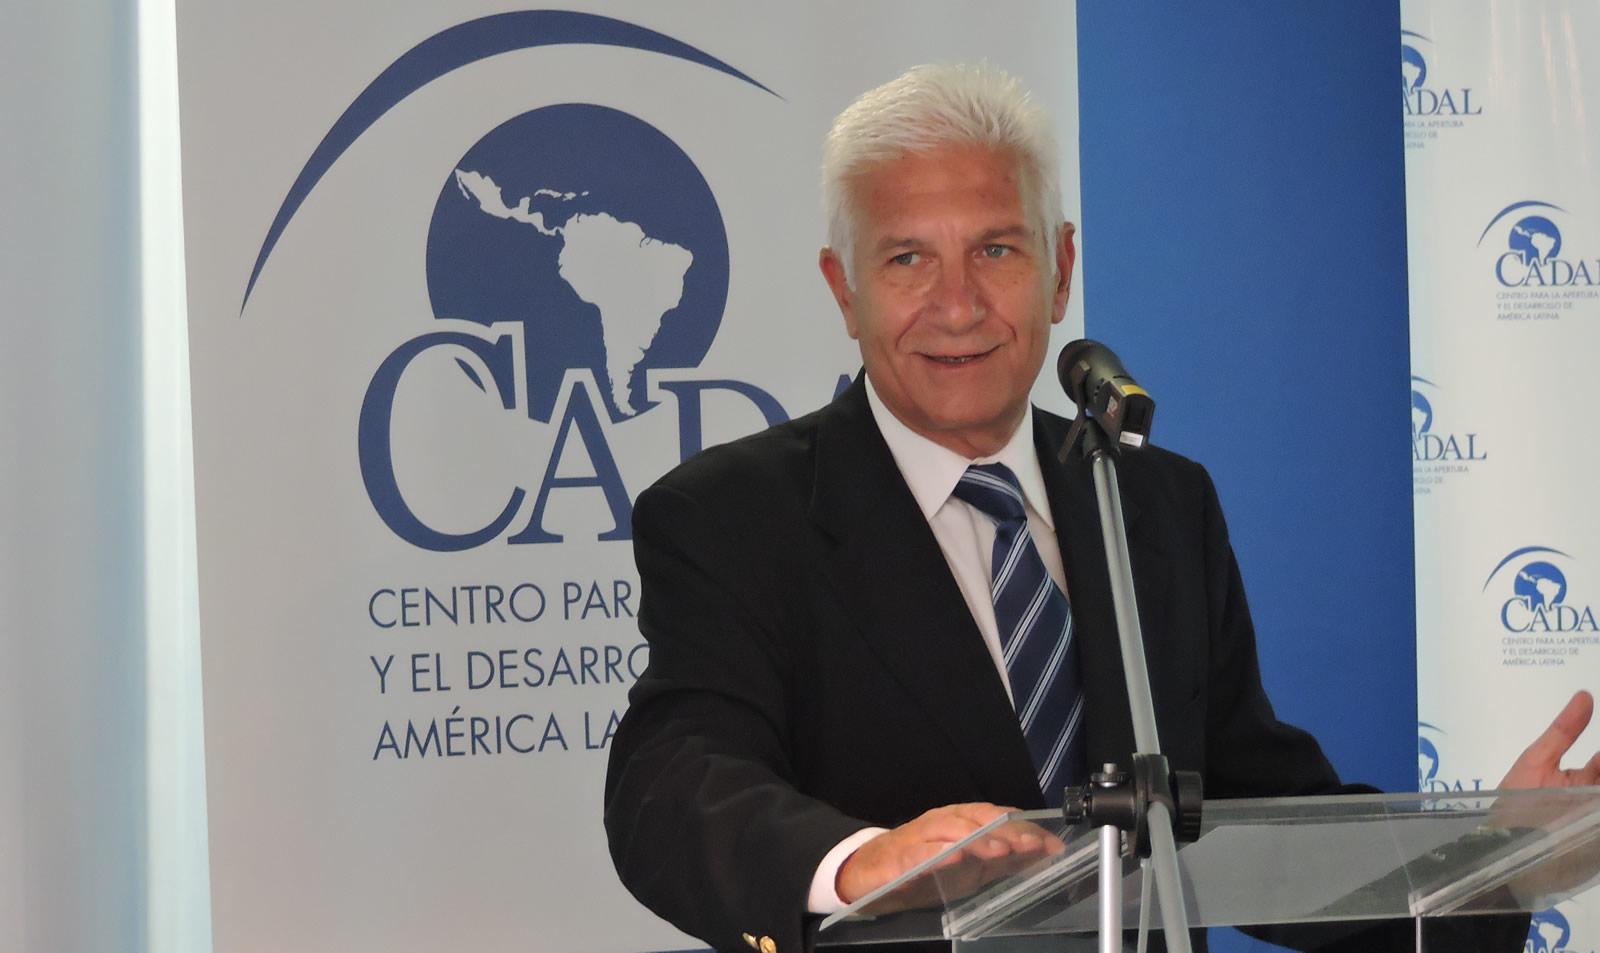 Los primeros 100 días de gobierno de Macri